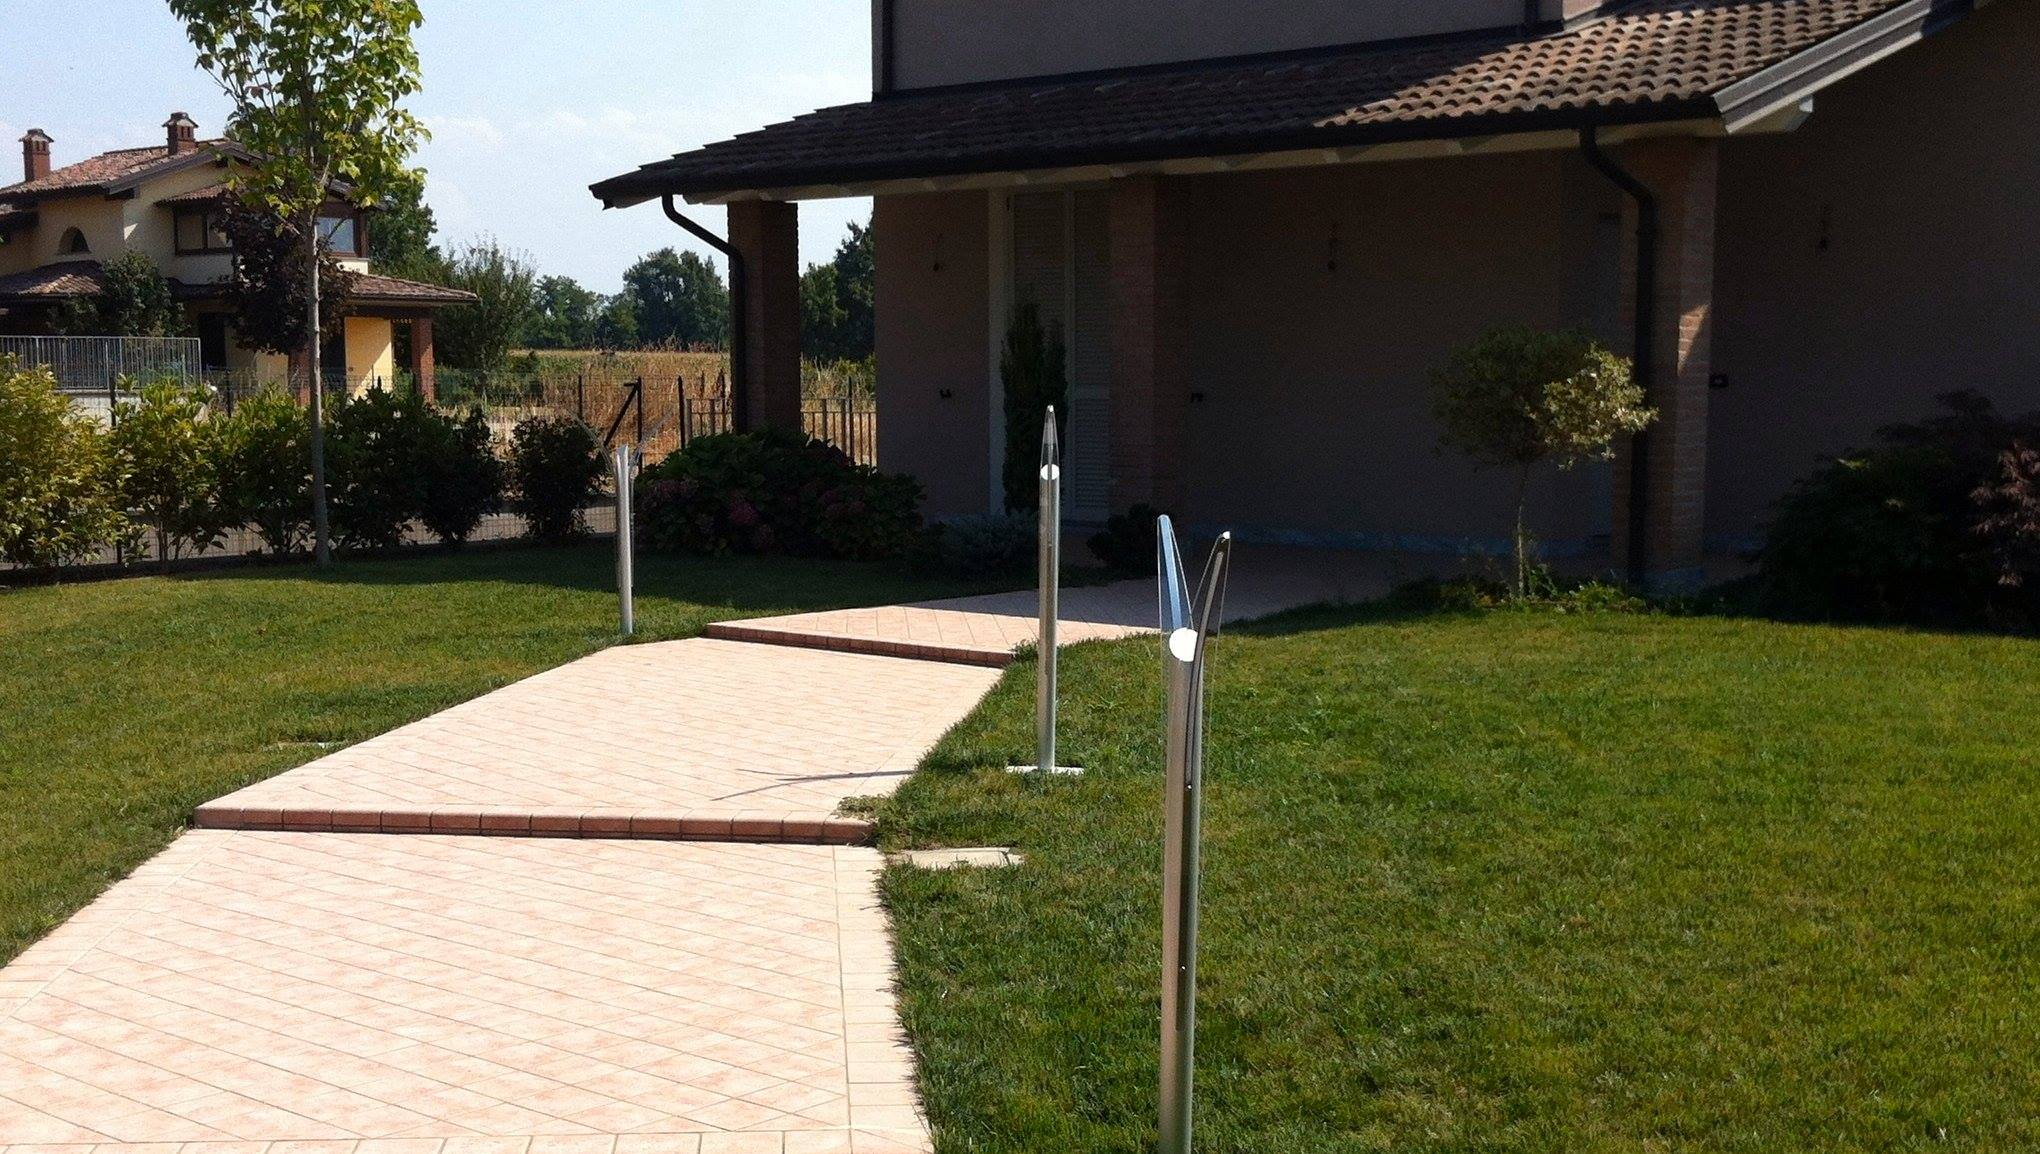 Illuminazione Esterna Paletti : Pali per illuminazione esterna giardino pali per illuminazione